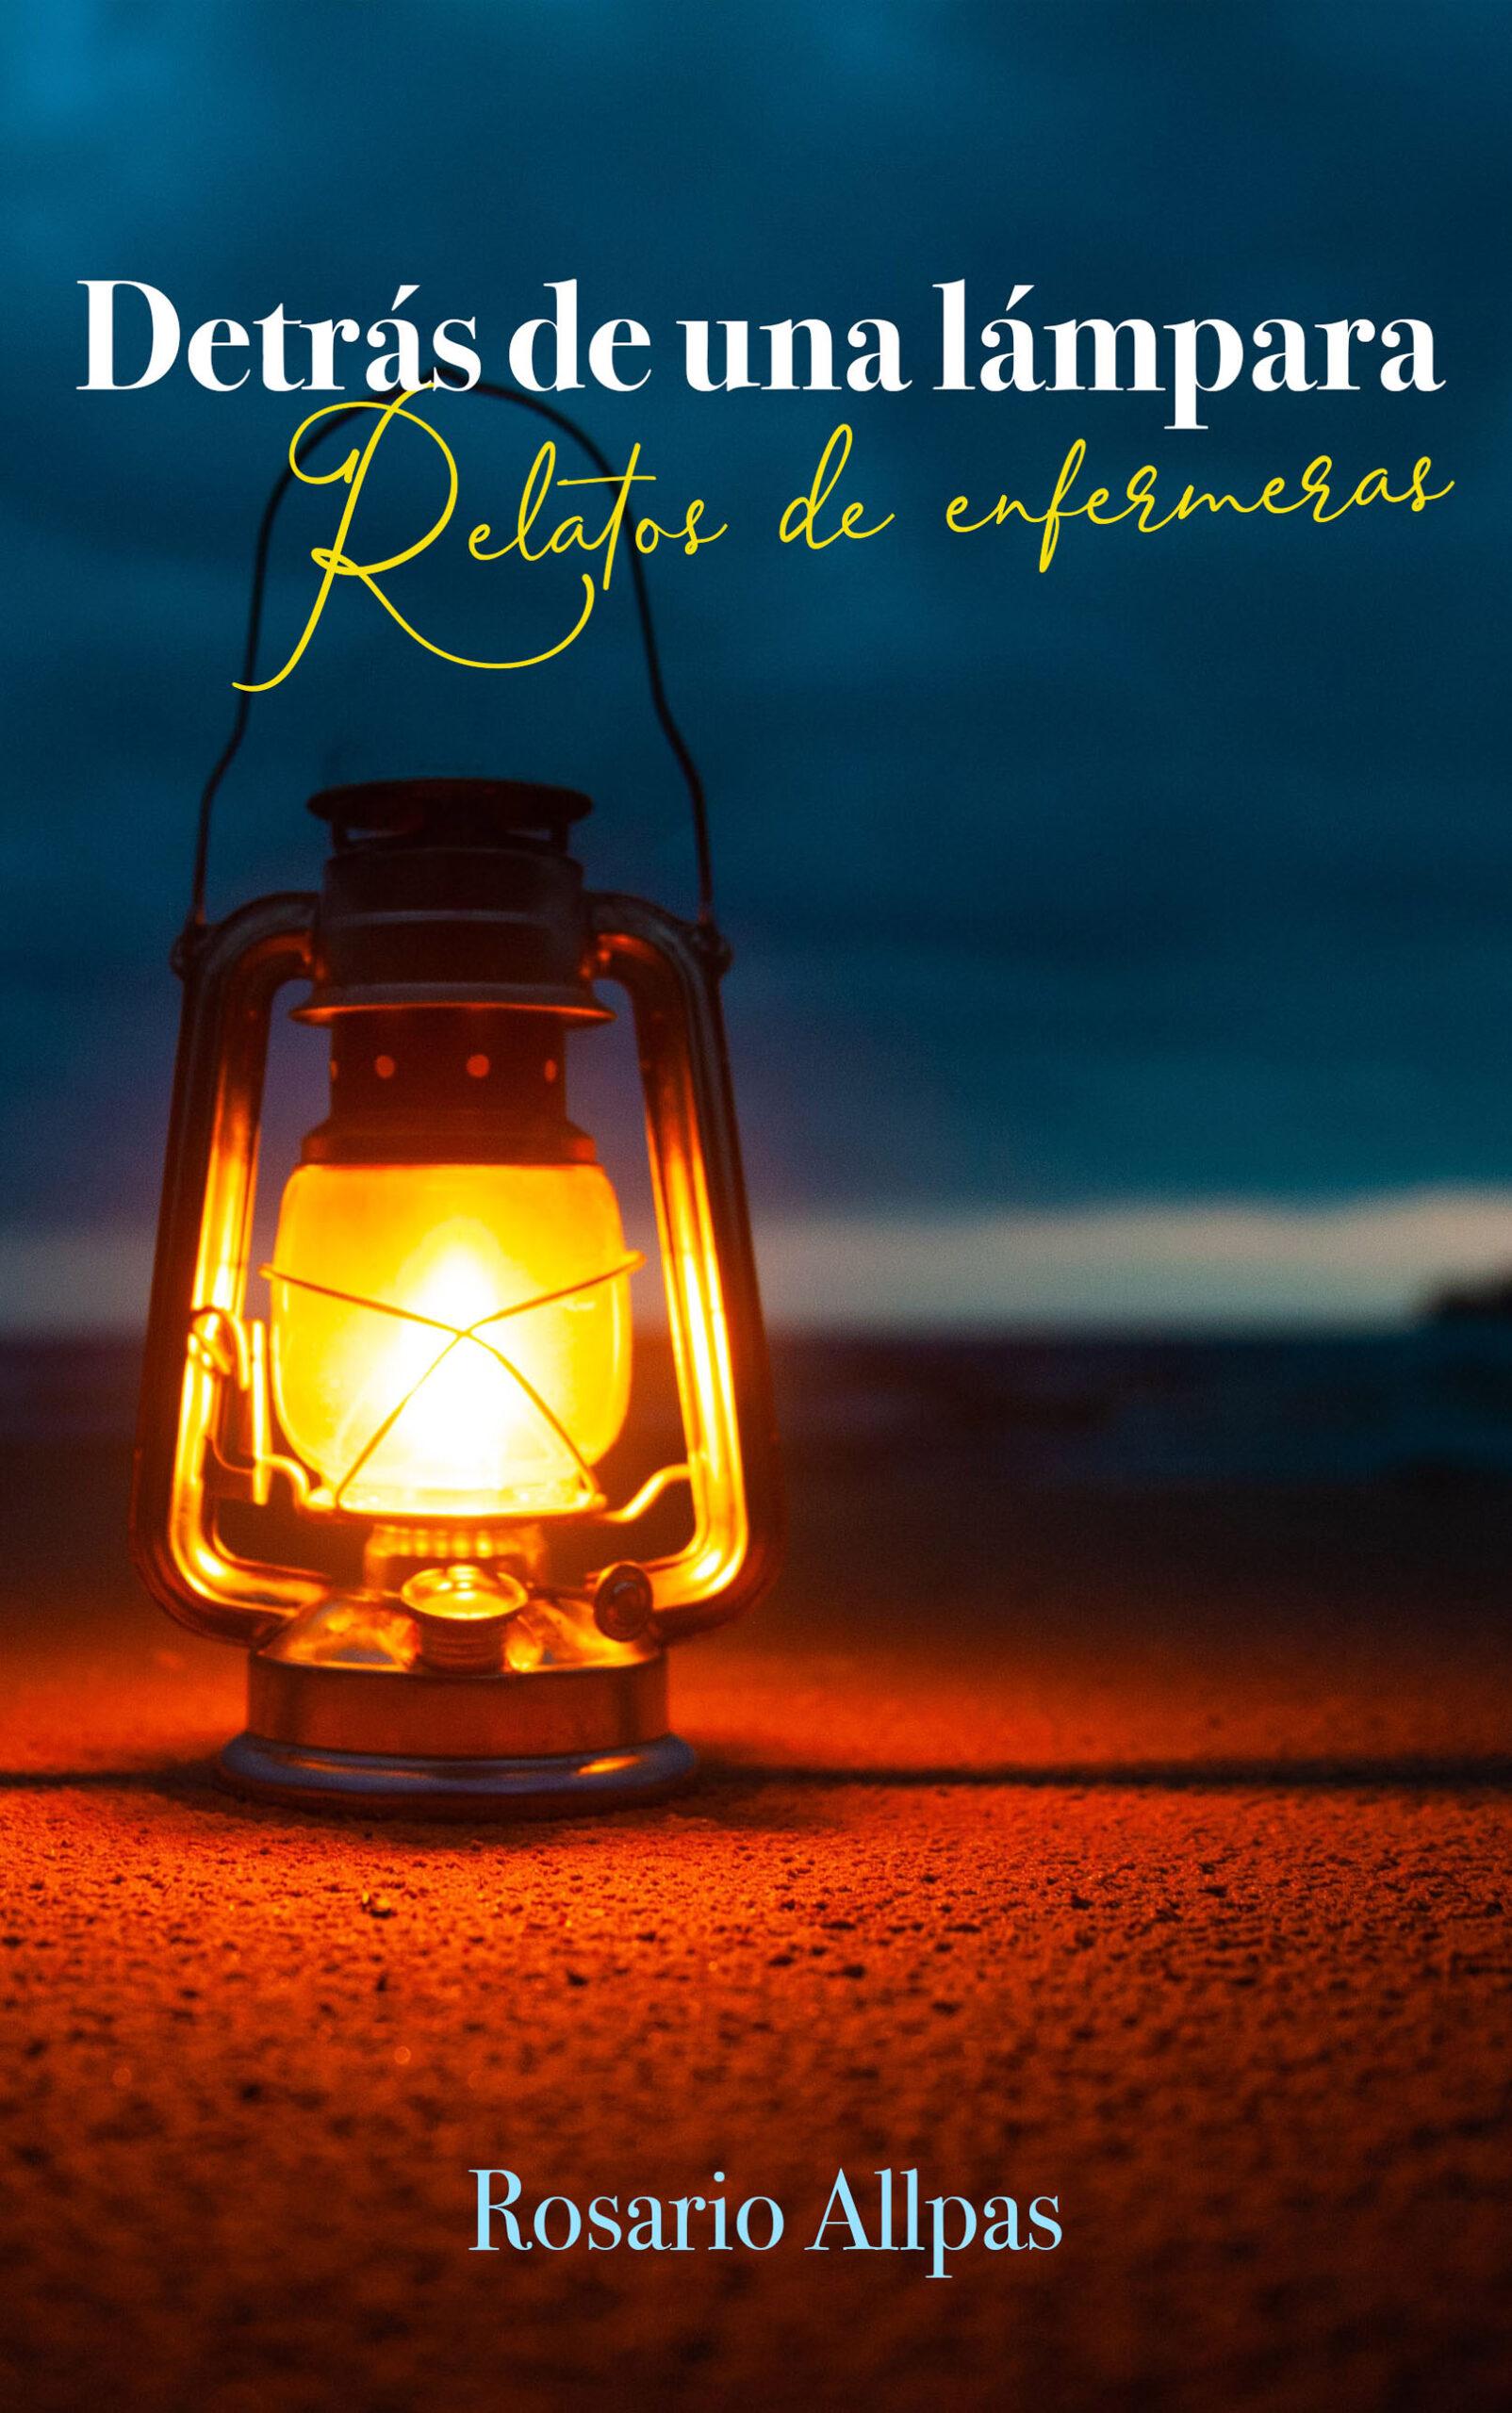 Detrás de una lámpara, de Rosario Allpas